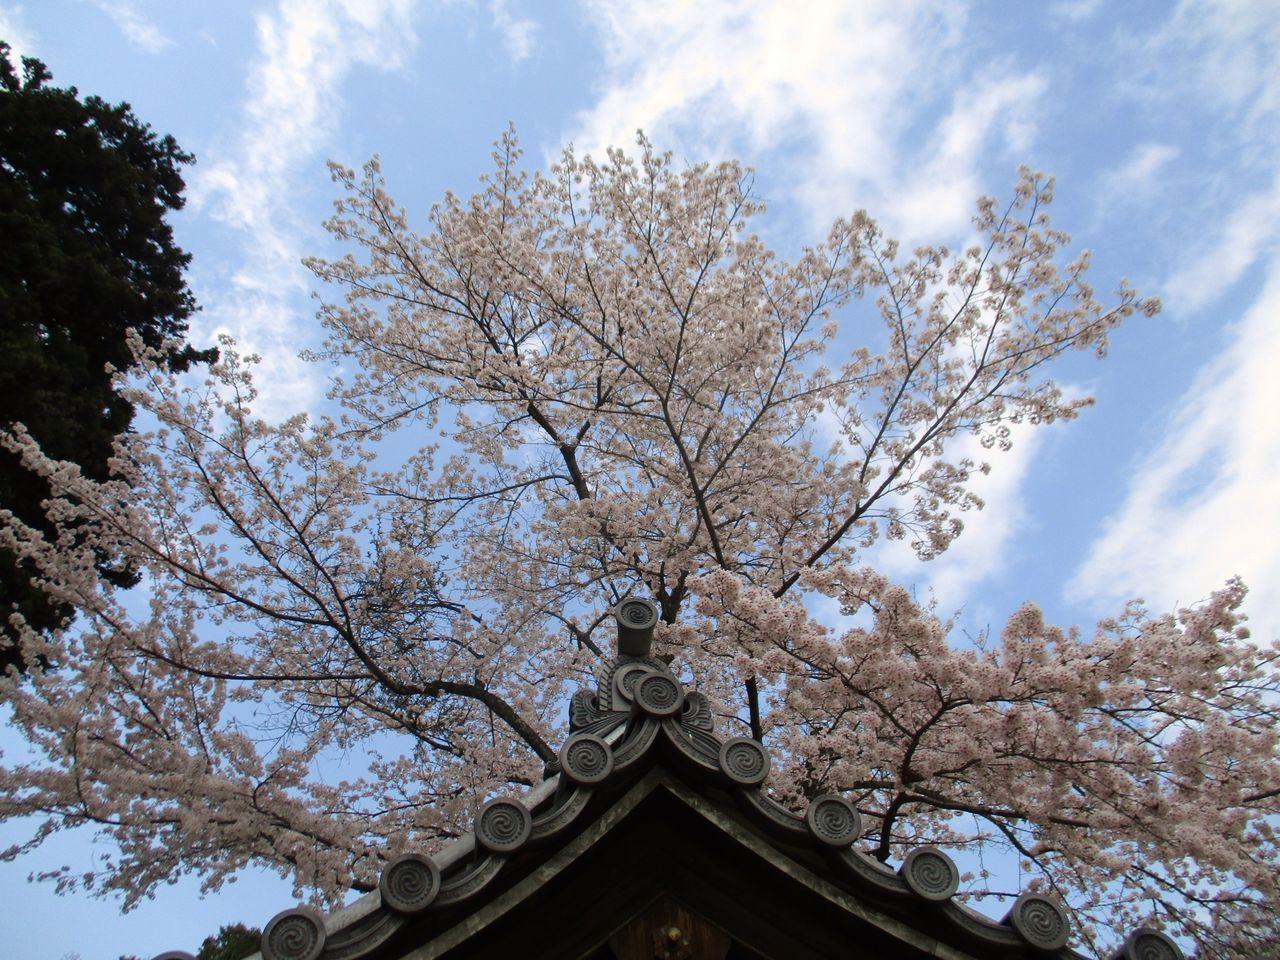 6074】湧き起こる桜吹雪を浴び走...